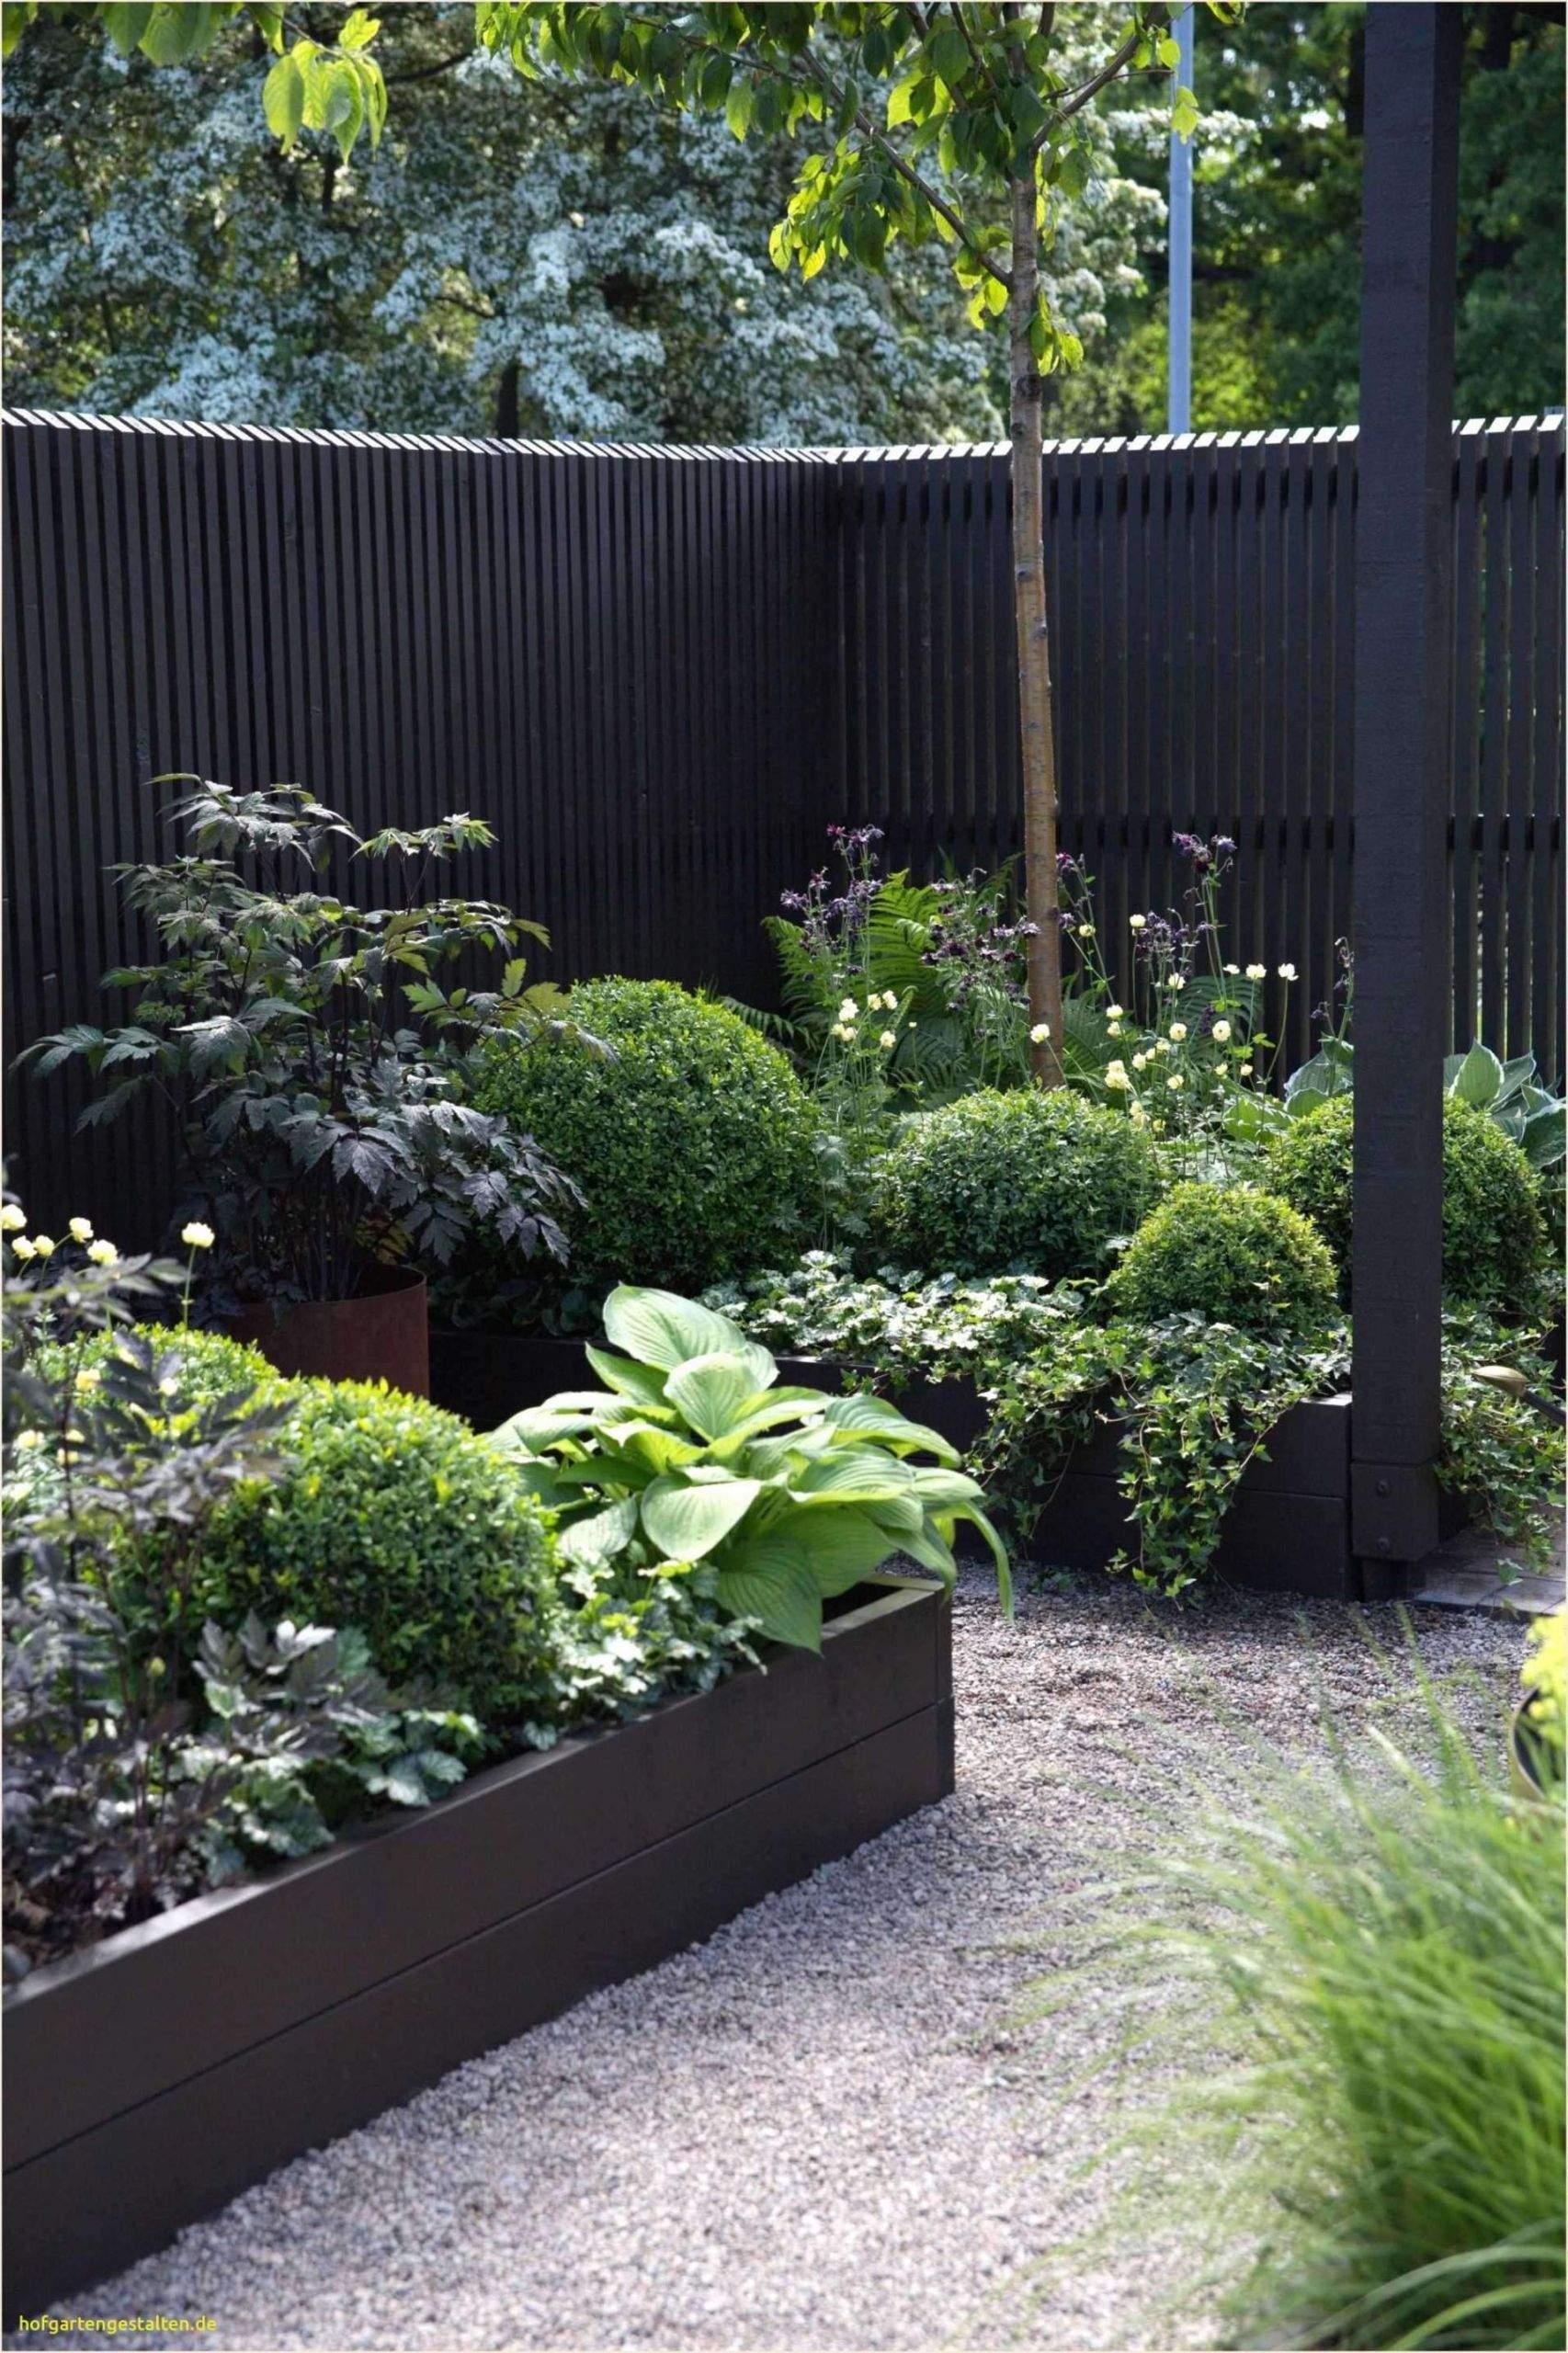 Garten Landschaftsbau Hamburg Luxus 32 Das Beste Von Pizzaofen Garten Bausatz Genial